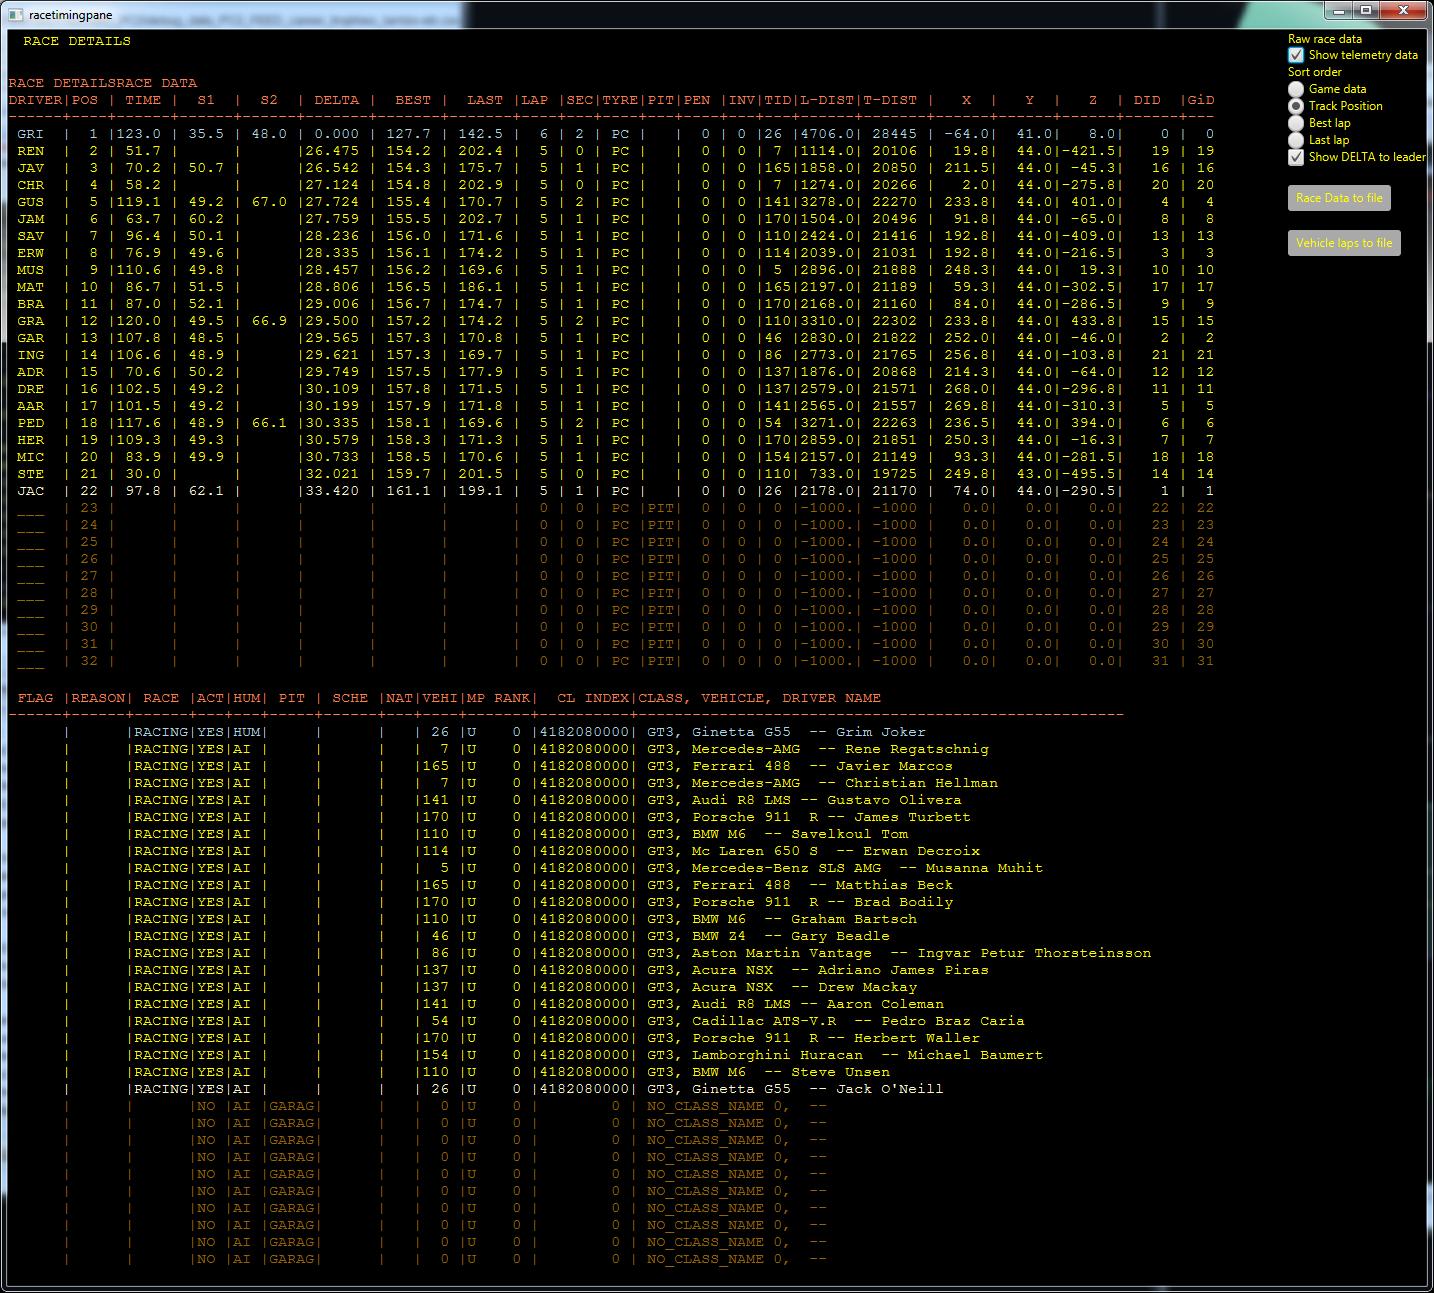 V8_PC2_racetiming_full.png